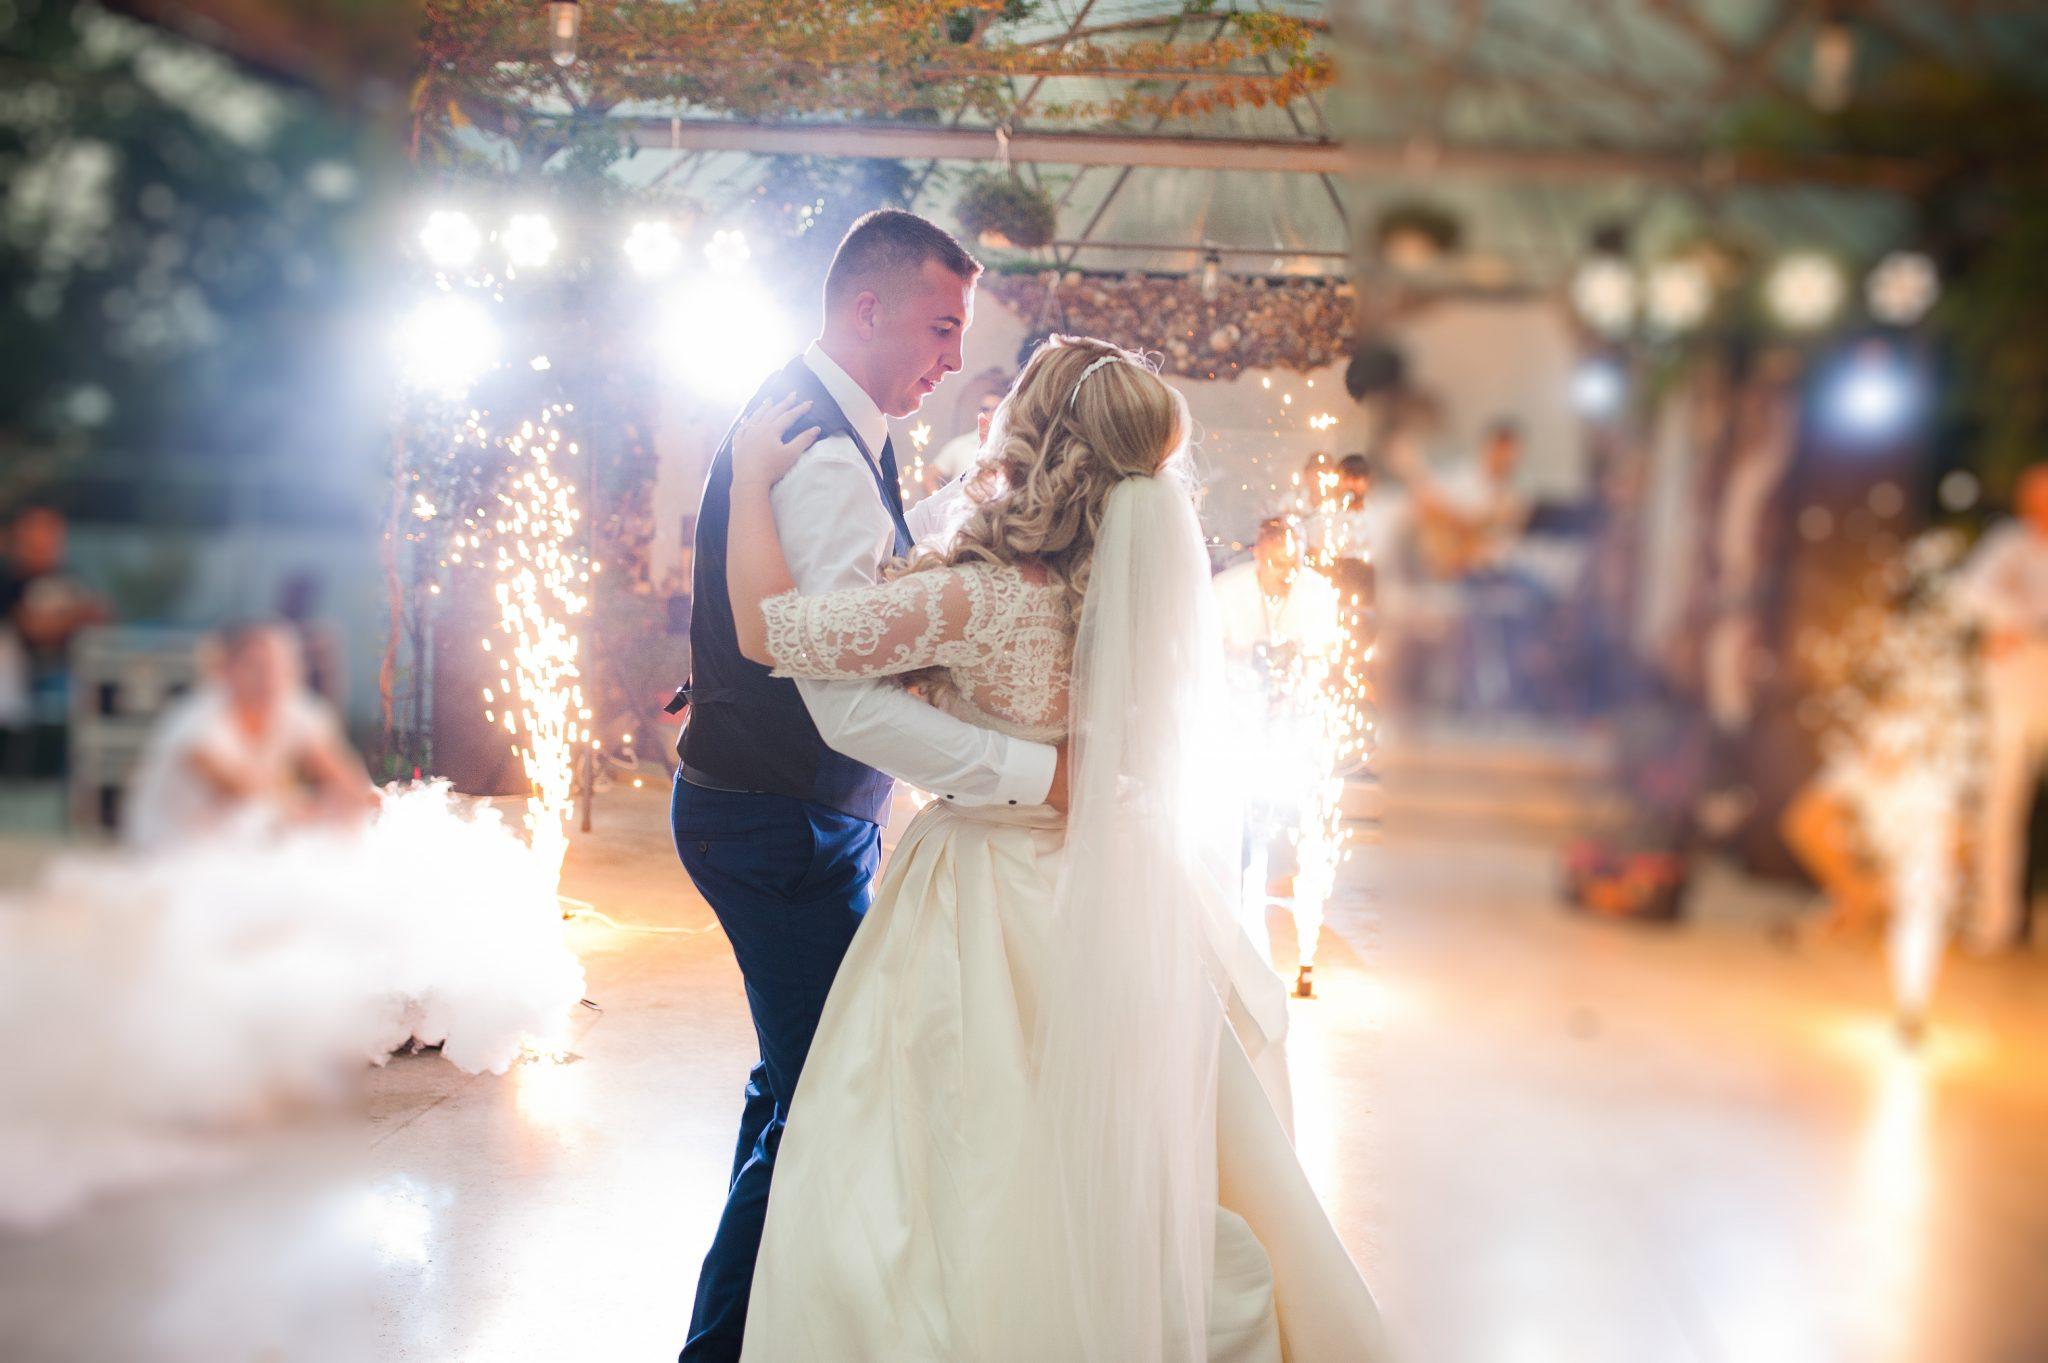 Bruiloft vuurwerk | Spectaculair vuurwerk voor uw bruiloft | Dream Fireworks